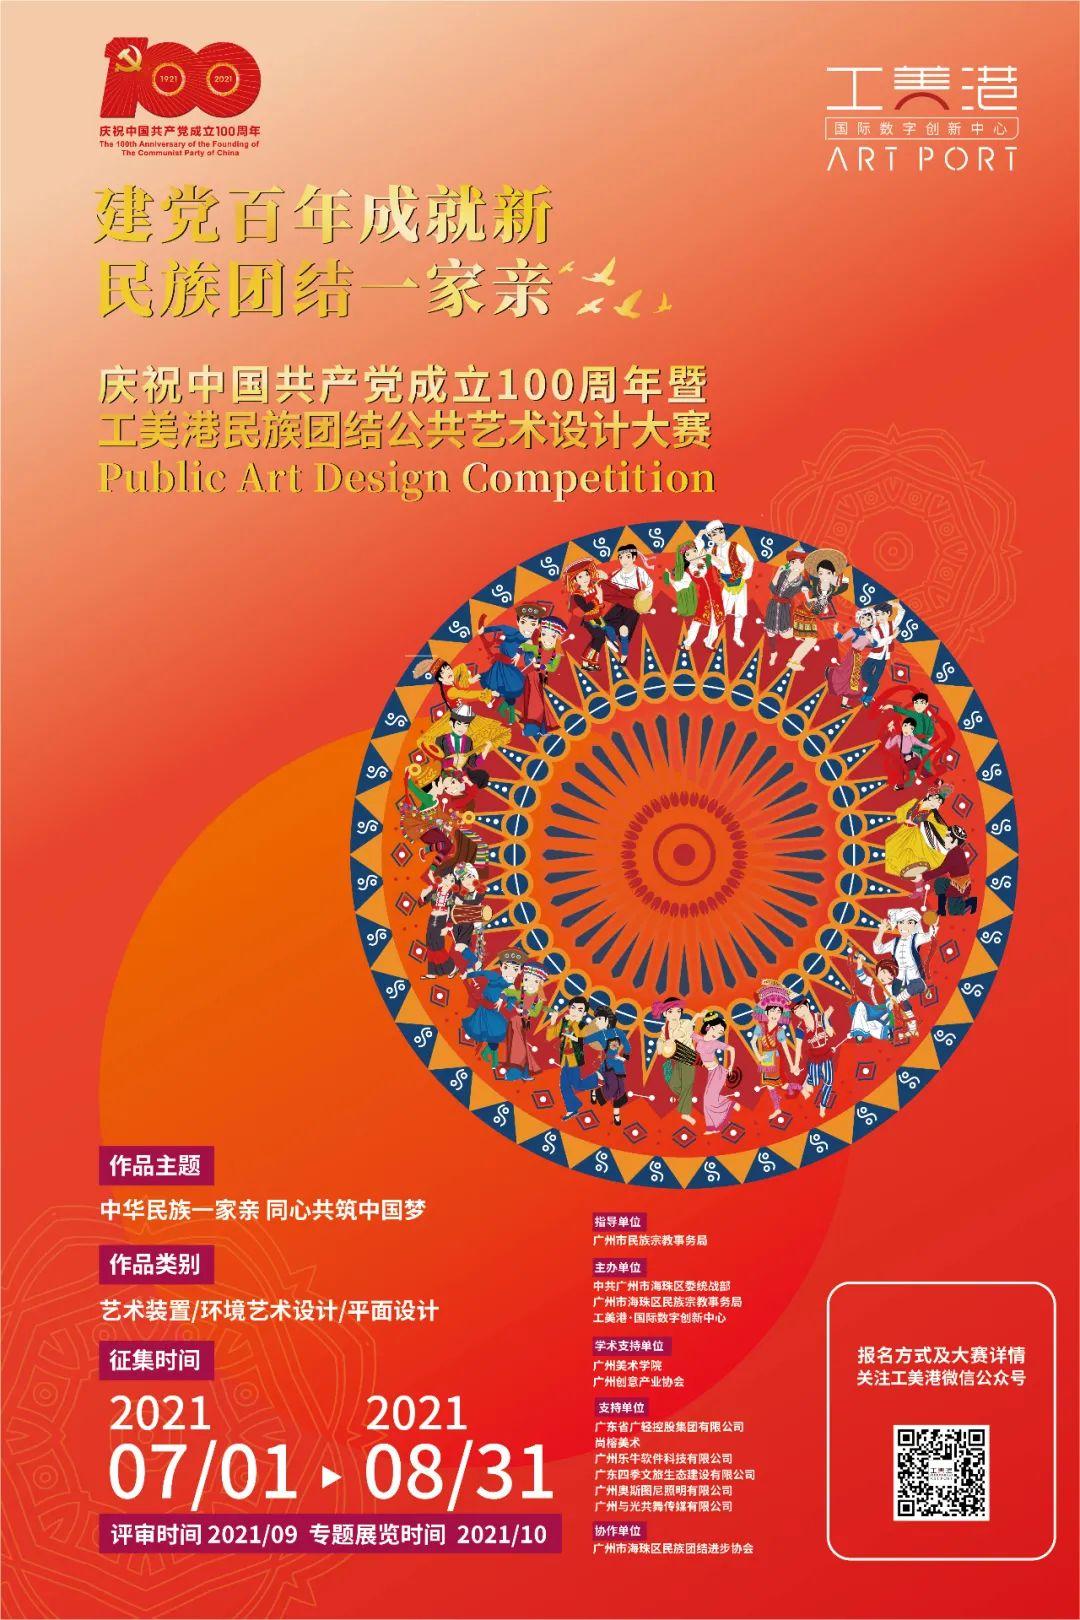 2021慶祝中國共產黨成立100週年暨工美港民族團結公共藝術設計大賽 EDM